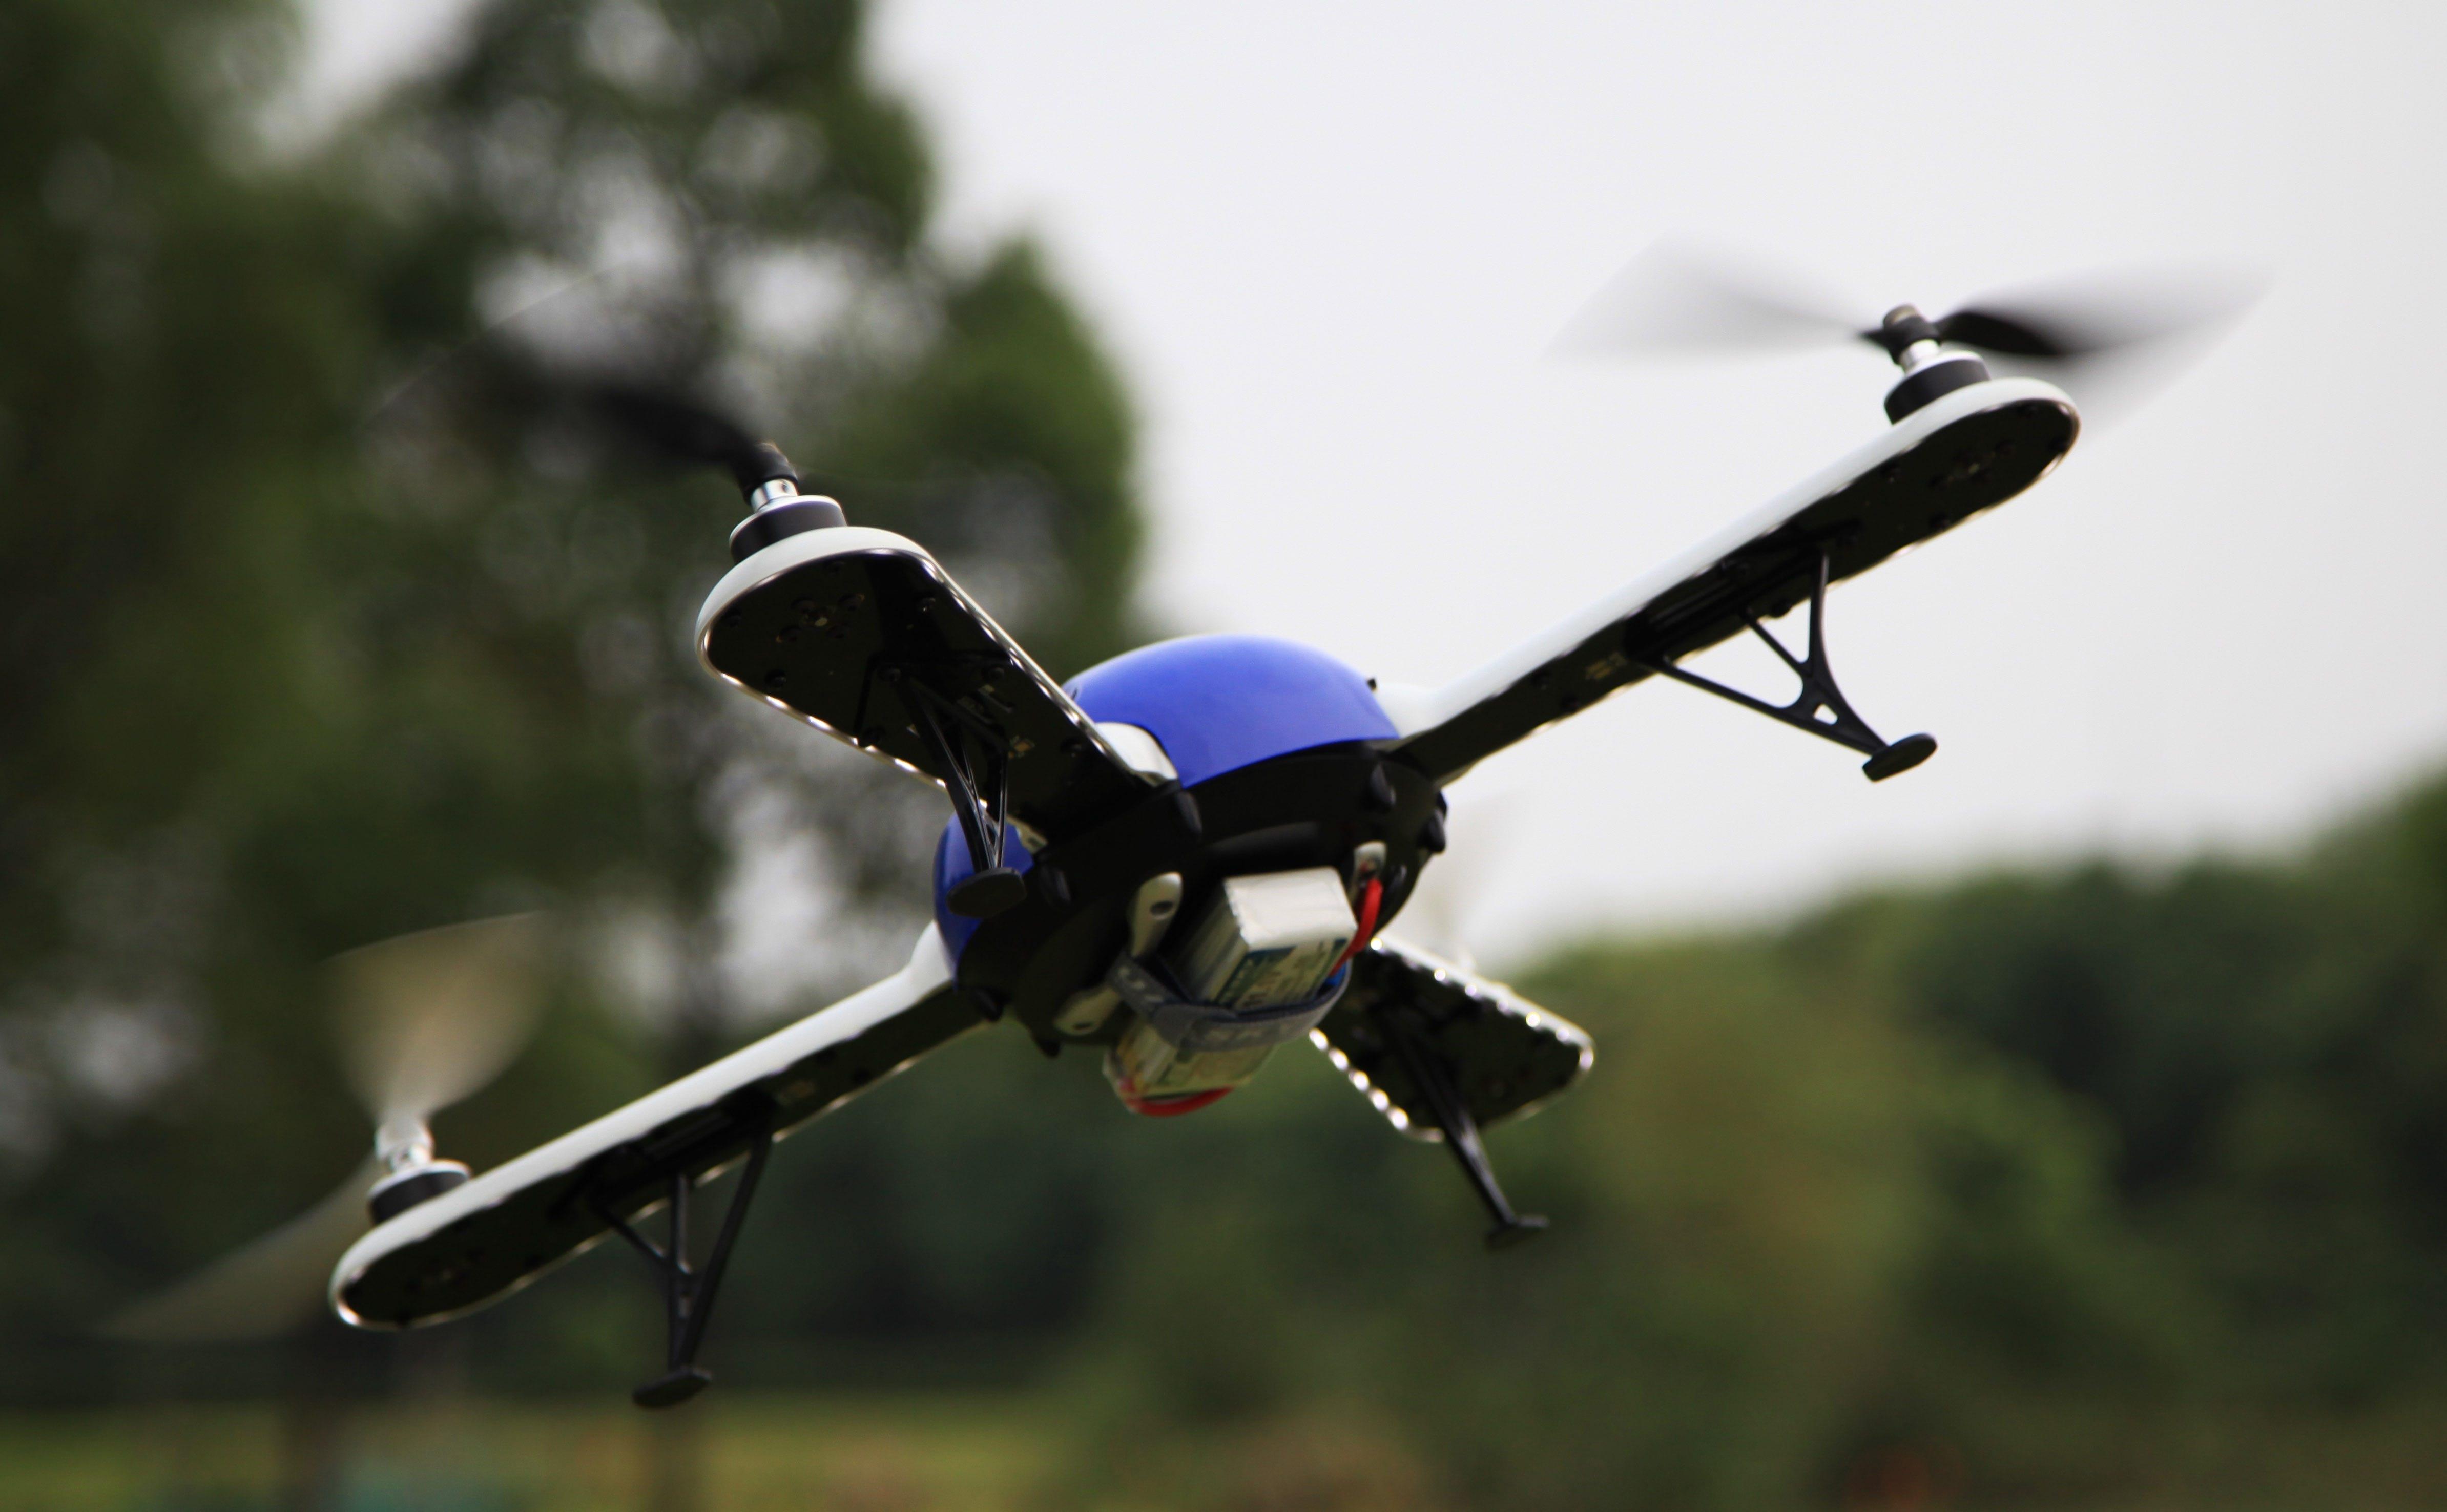 Dualsky's Hornet 460 Quadcopter